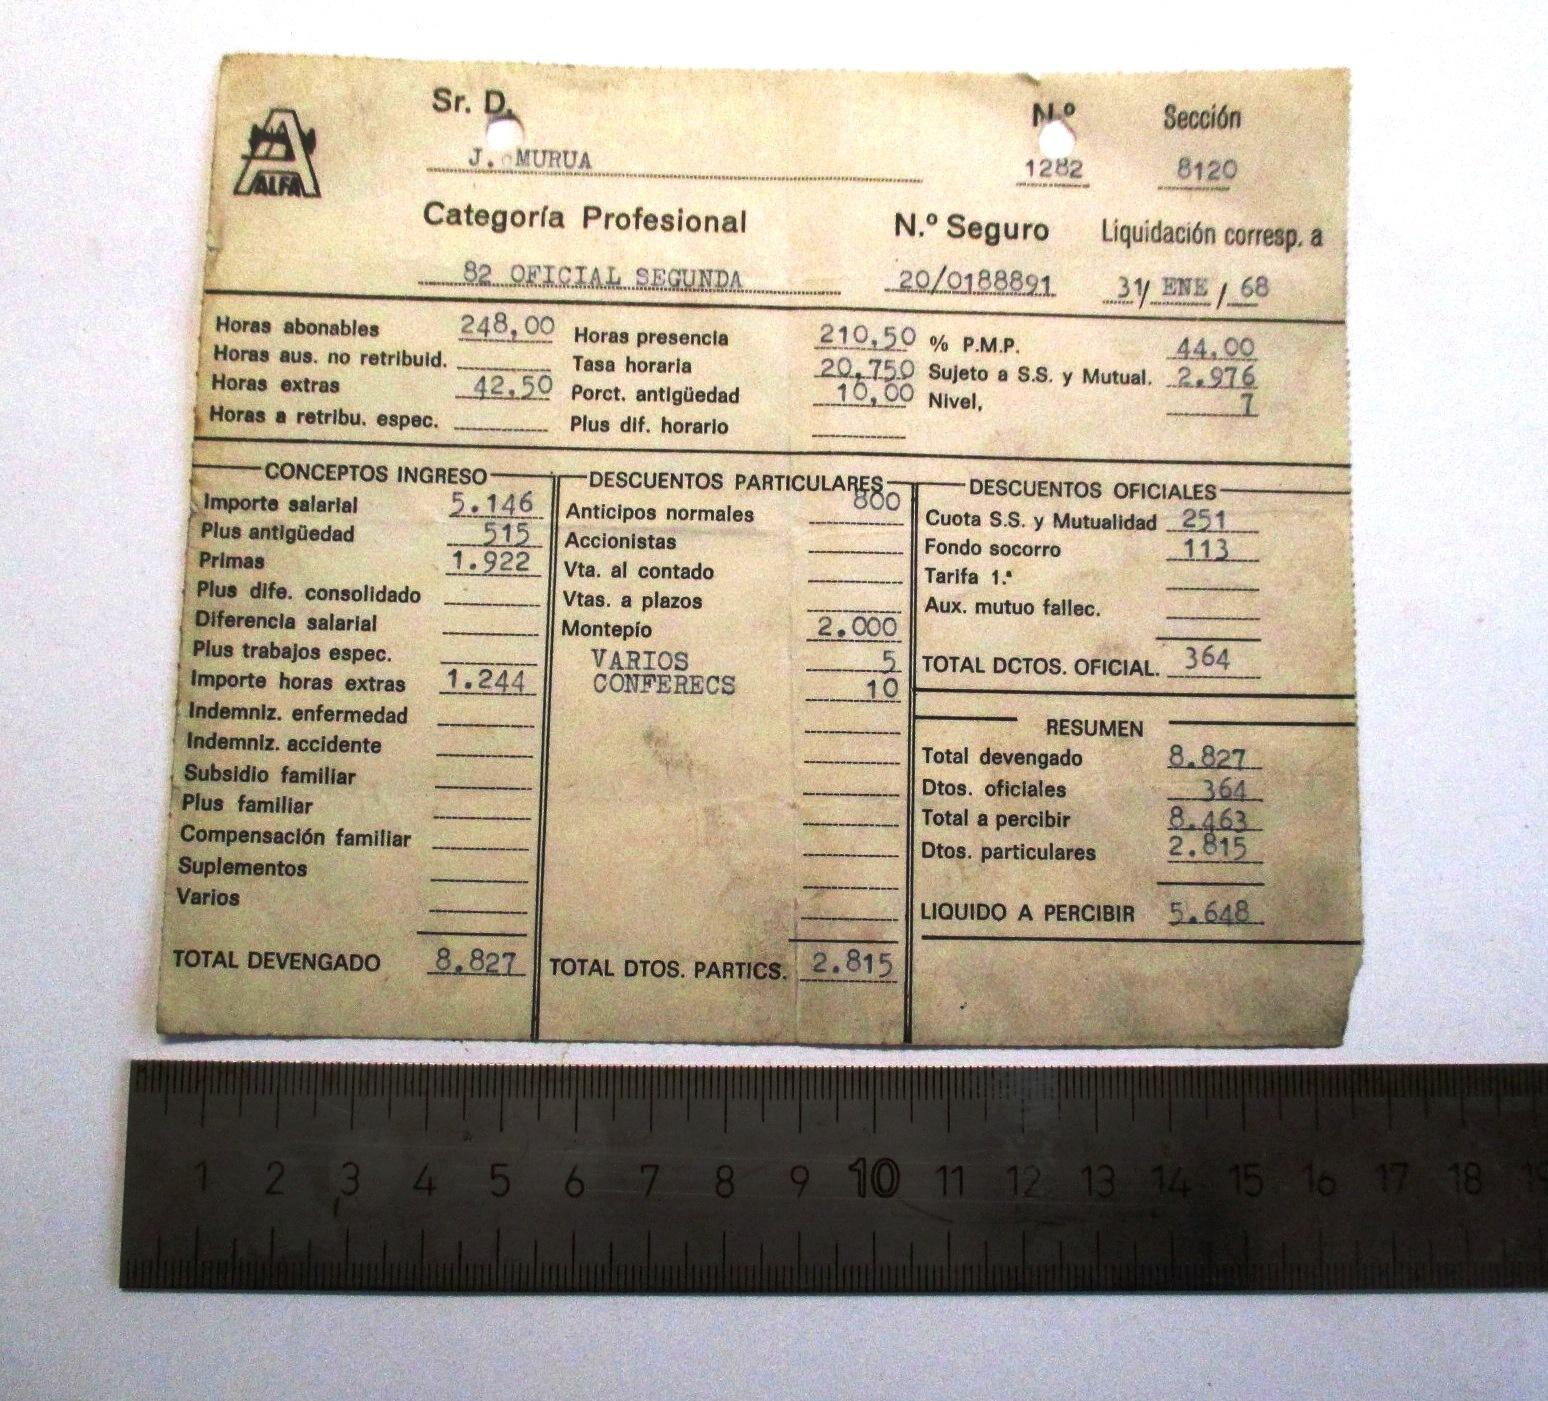 Documento de liquidación de salarios de la empresa Alfa.